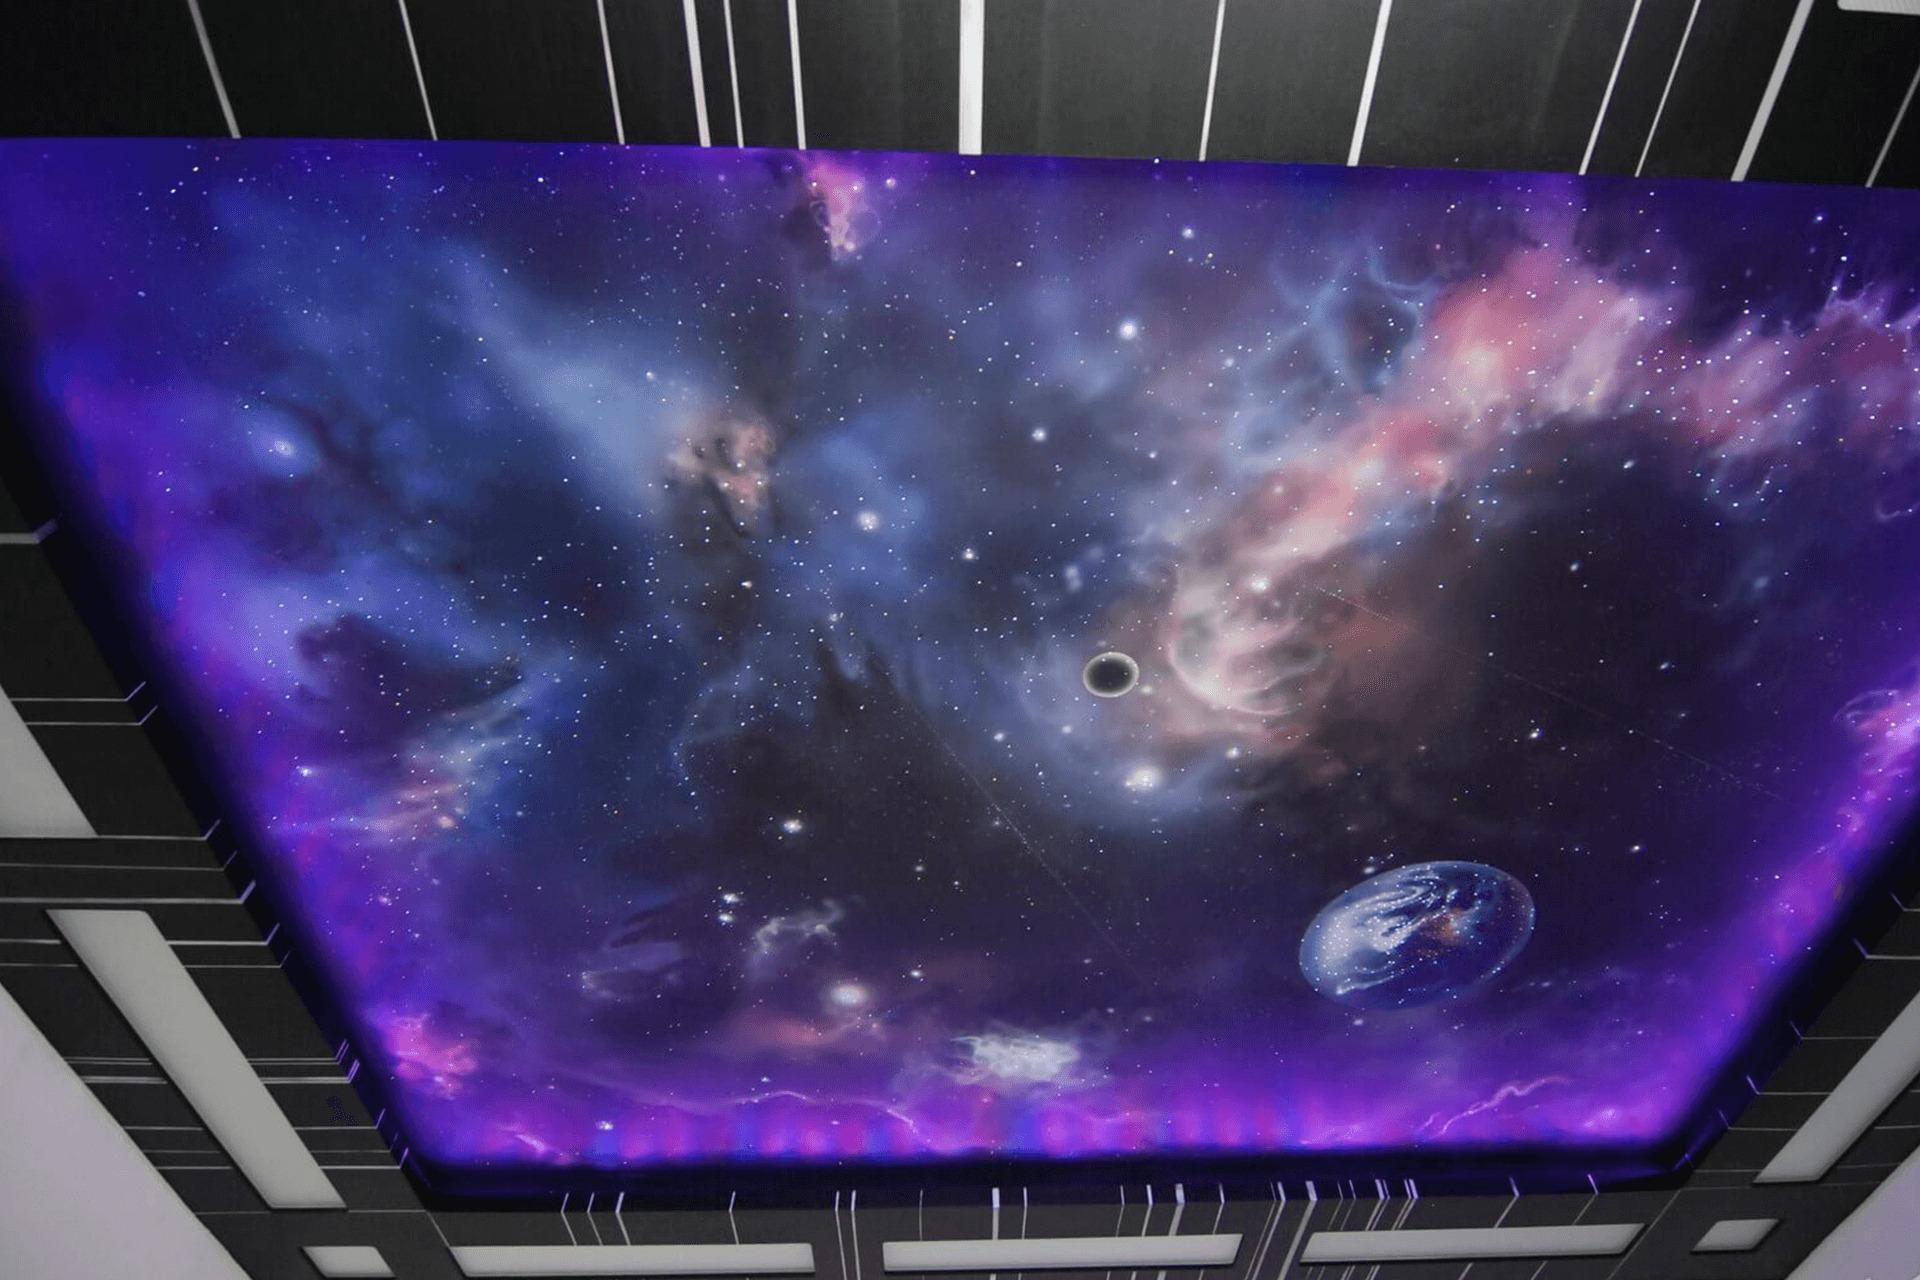 Натяжной потолок звёздное небо - фотопечать